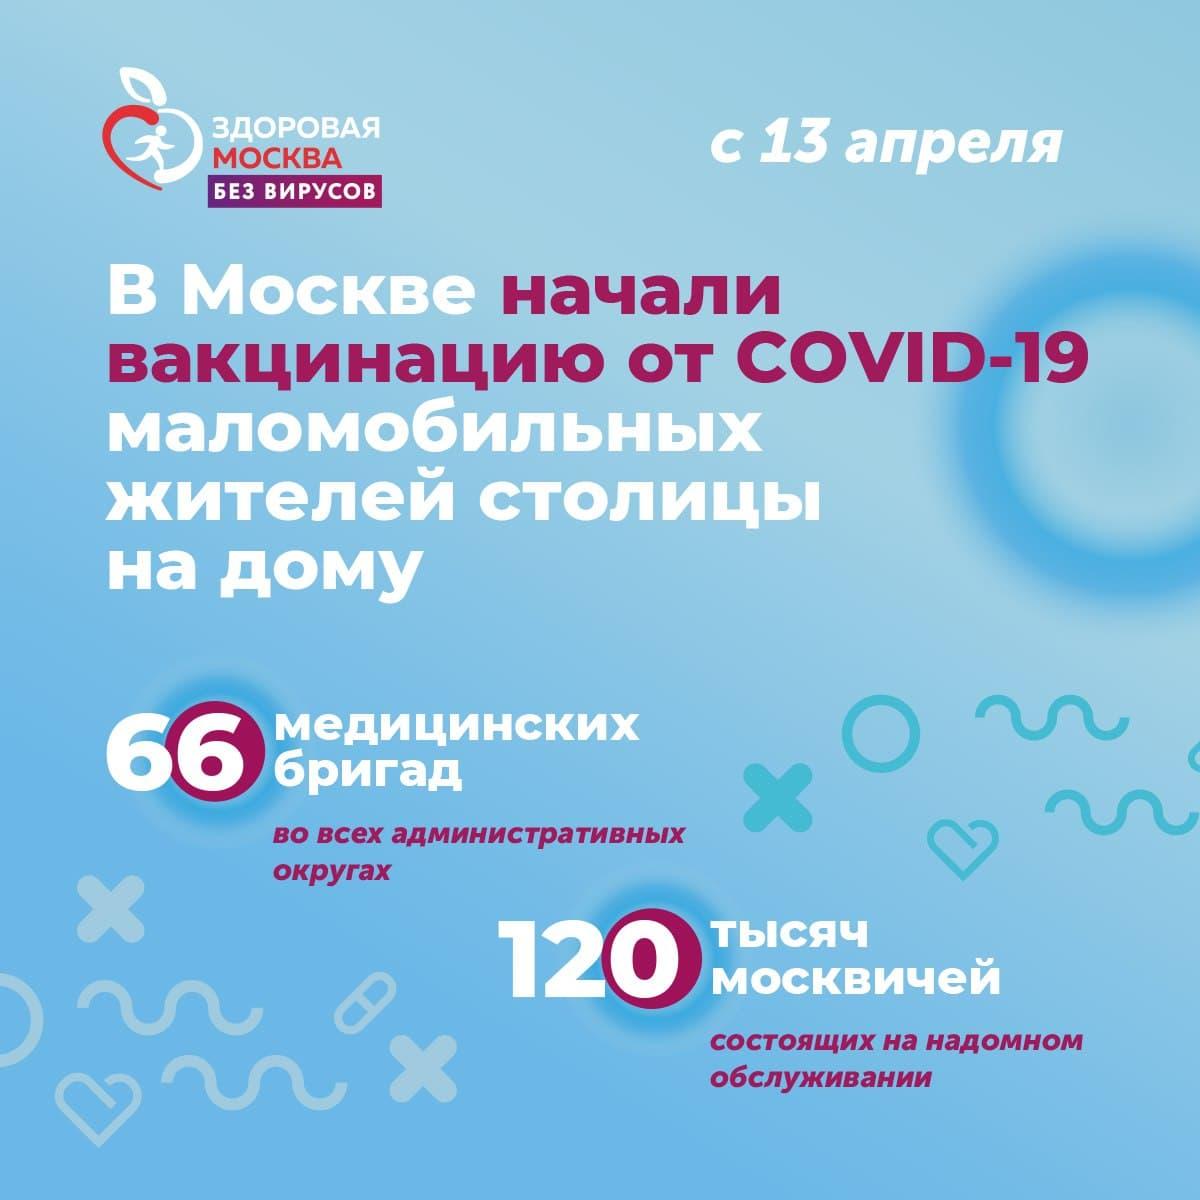 вакцинация от коронавируса на дому